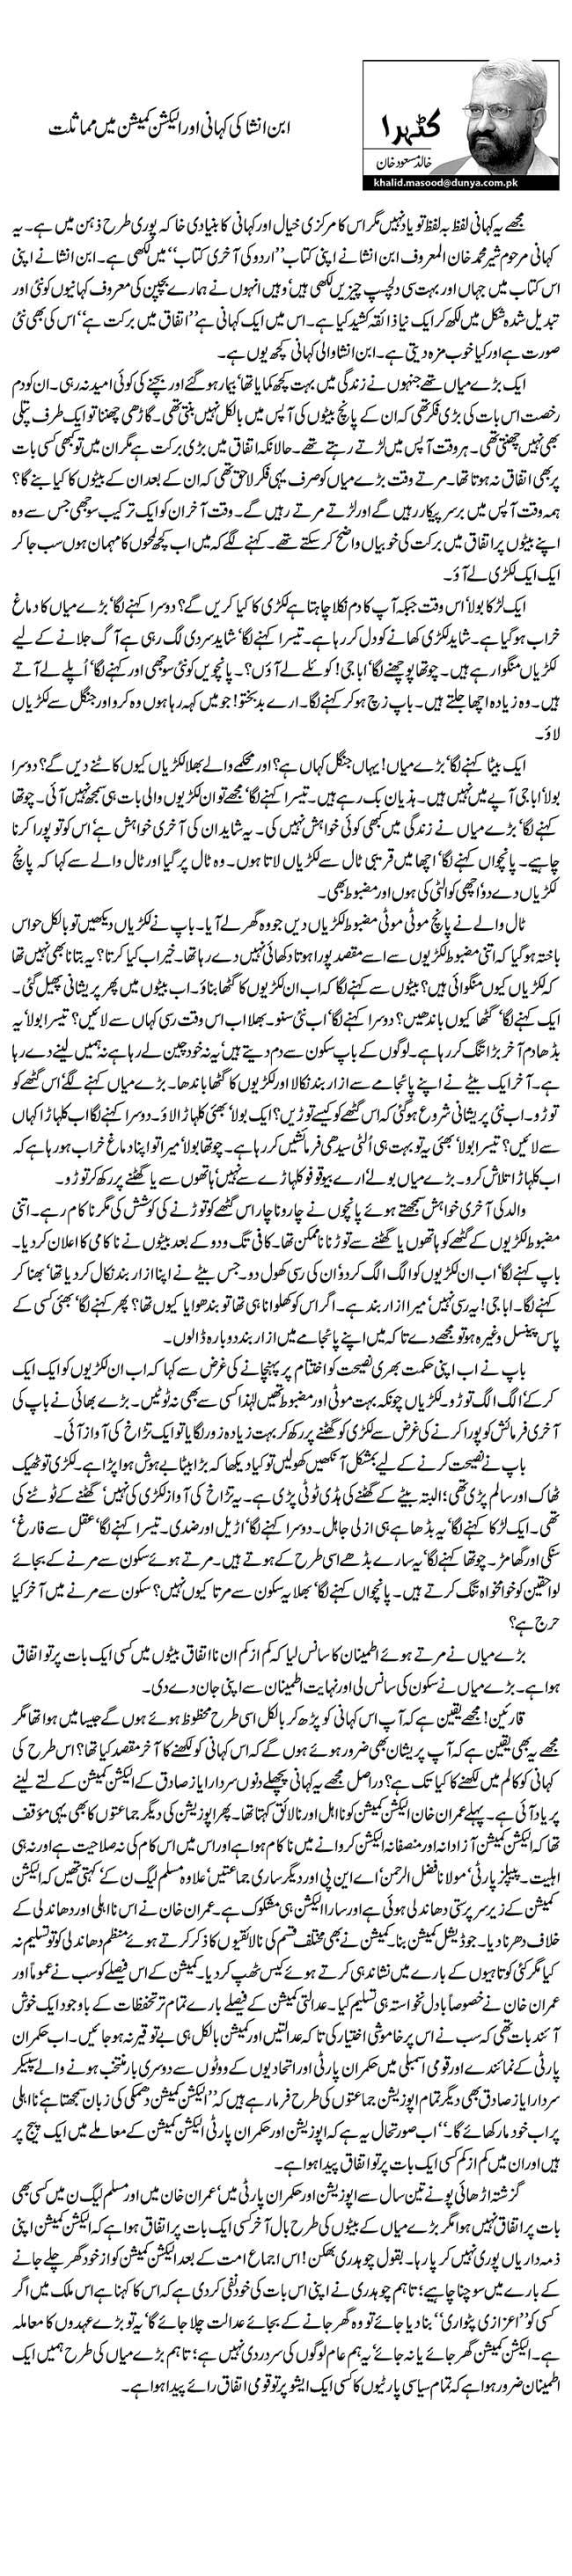 ابن انشا کی کہانی اور الیکشن کمیشن میں مماثلت